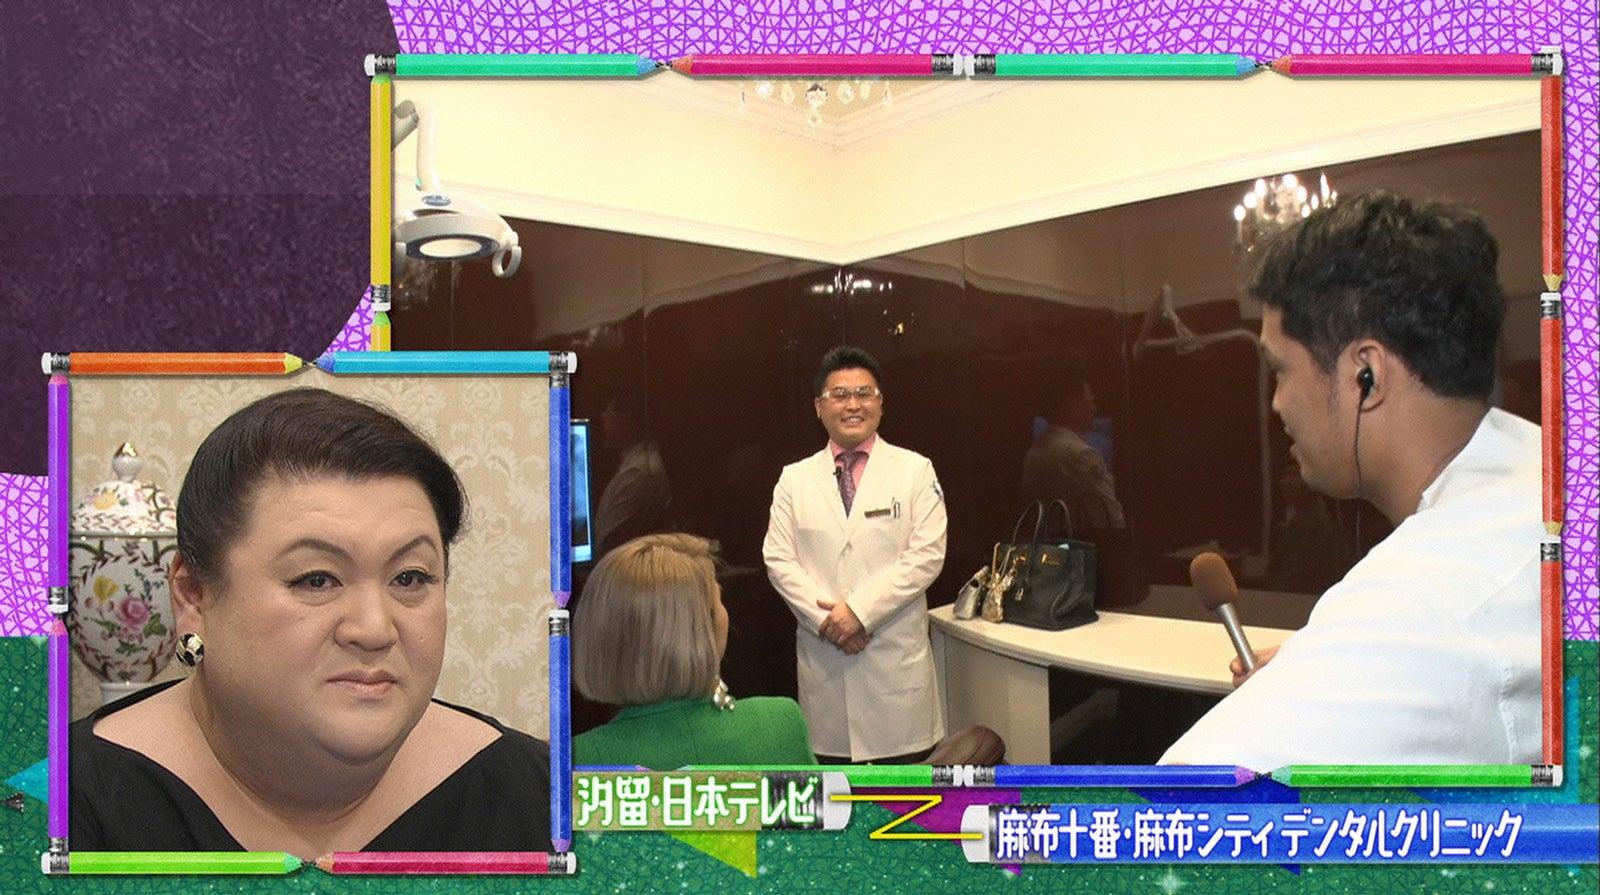 マツコ・デラックス、3年間の歯列矯正を告白 , モデルプレス